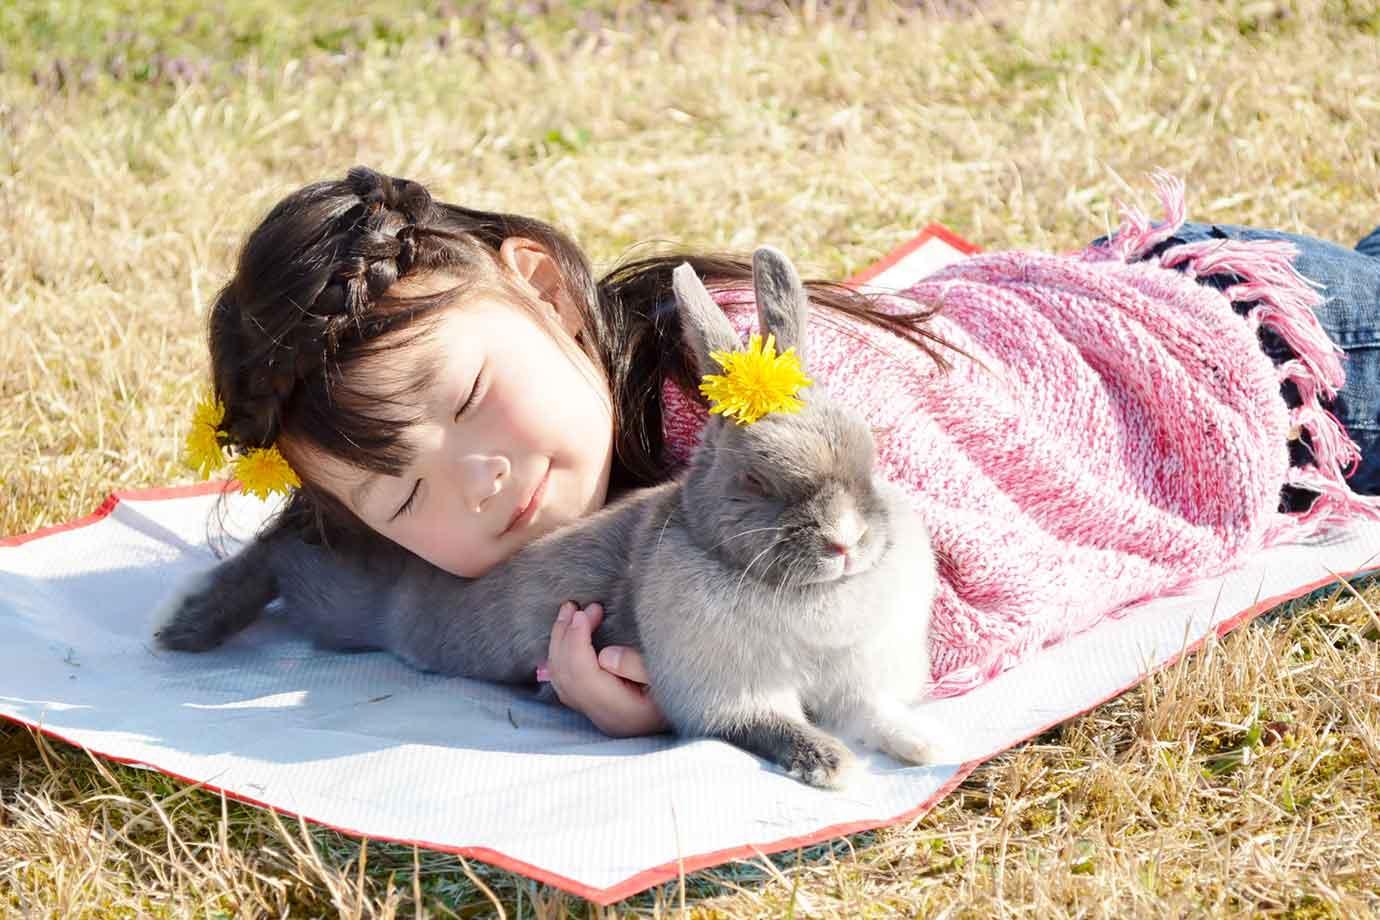 ペットが健やかに長生きするには、飼主の愛情はもちろん、飼育環境・運動量・食事がとても大切